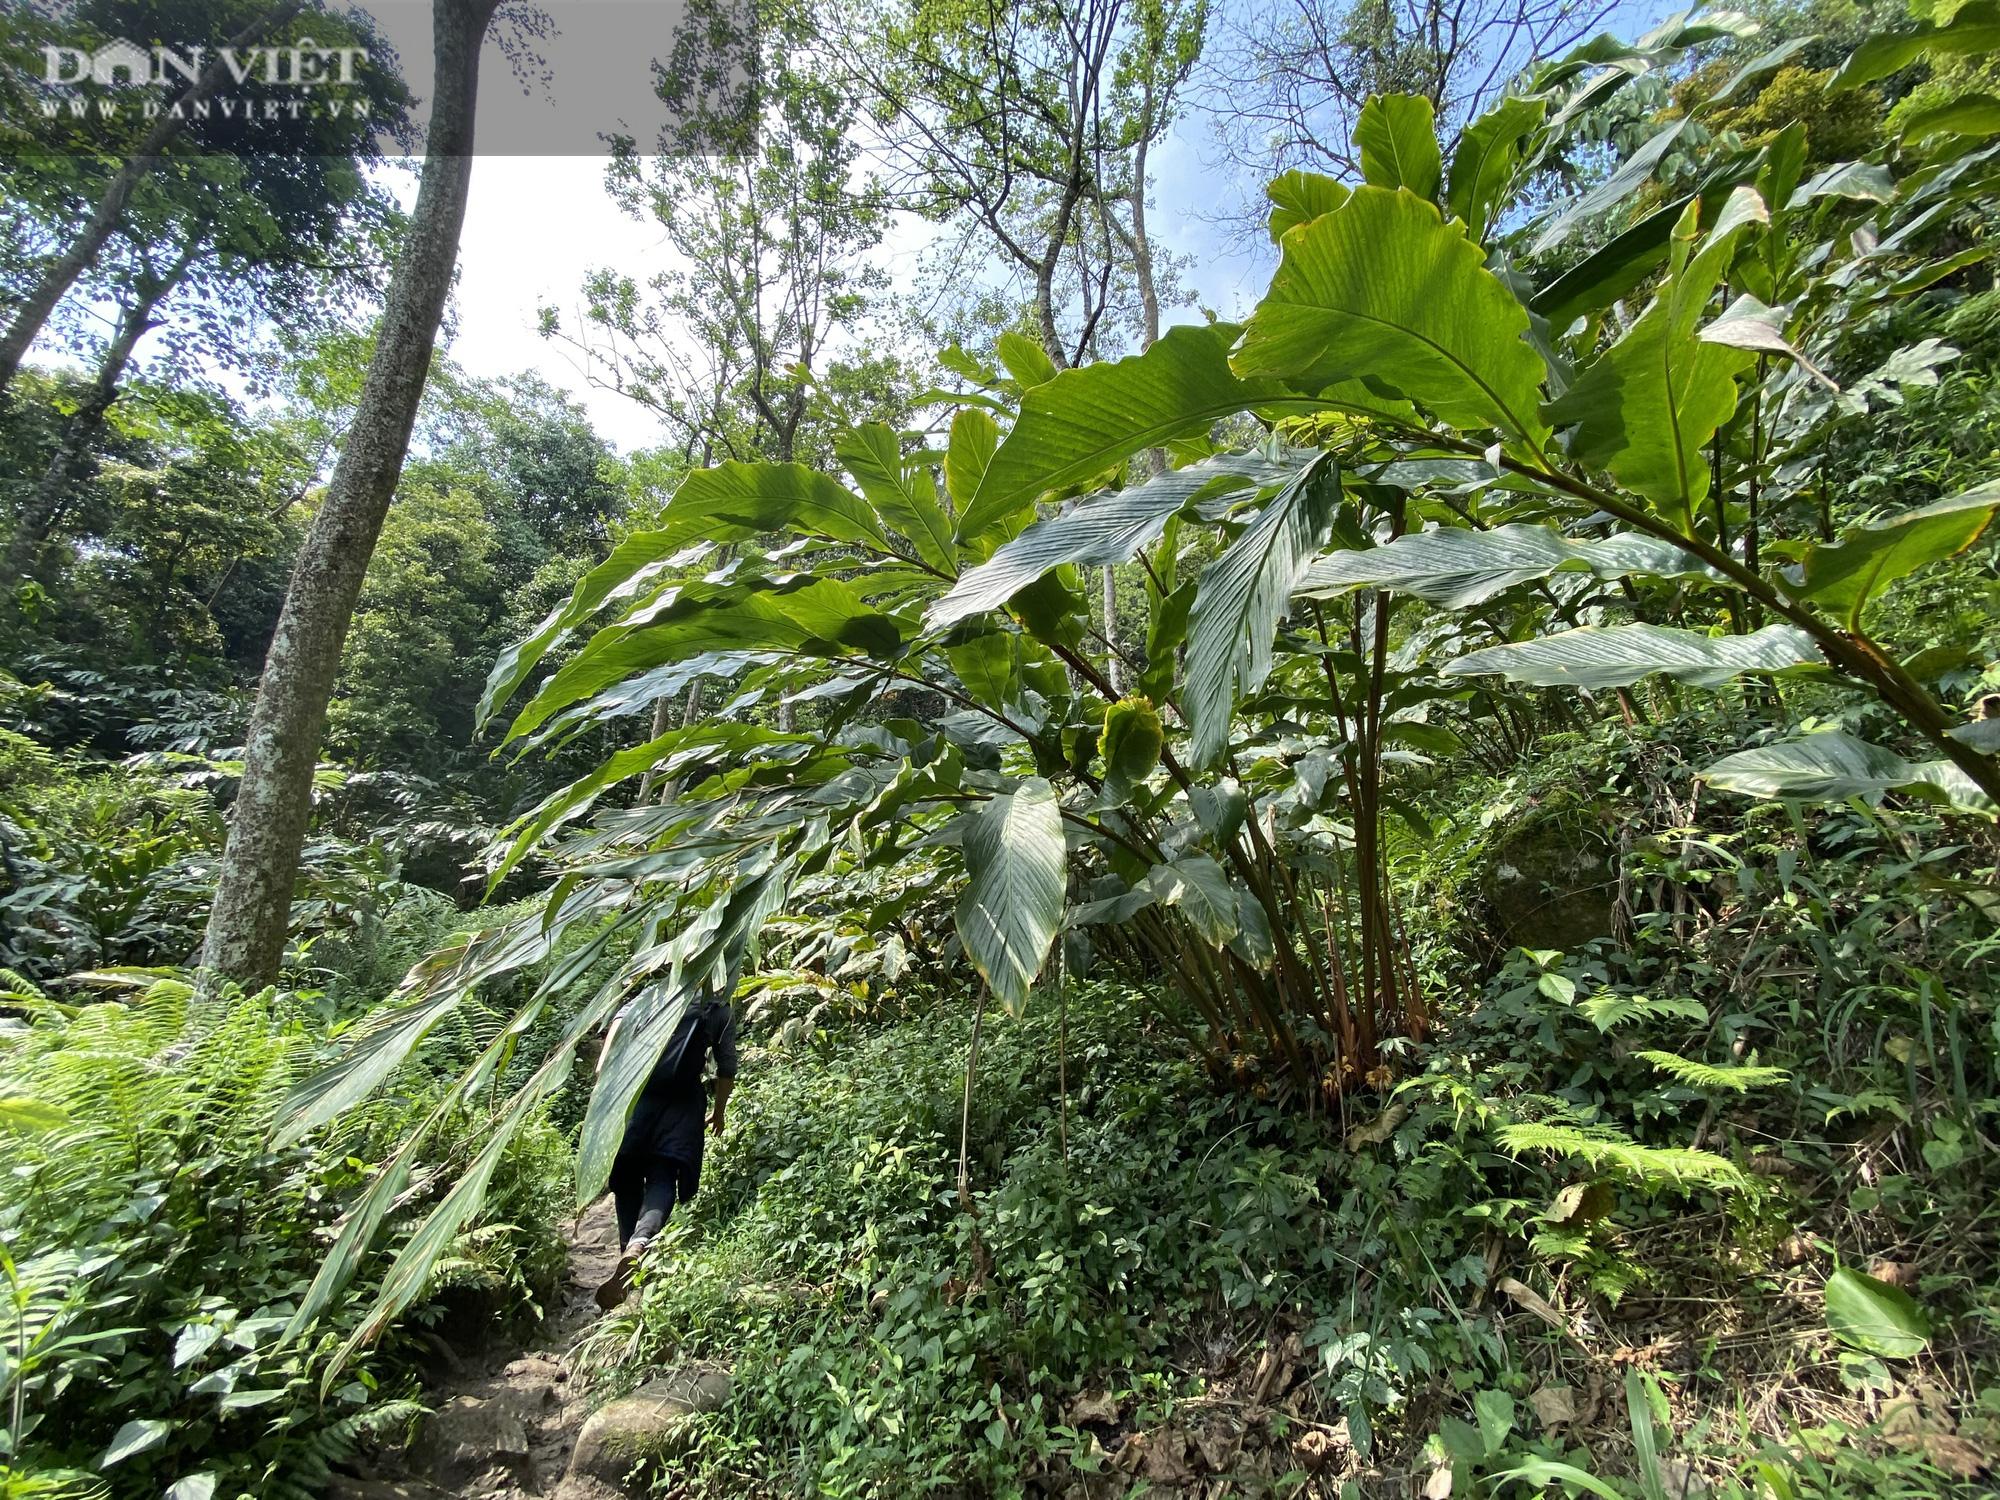 """Phá rừng pơ mu VQG Hoàng Liên (Bài 4): Phá rừng cho """"trùm buôn gỗ"""", chứ không phải để đóng quan tài! - Ảnh 13."""